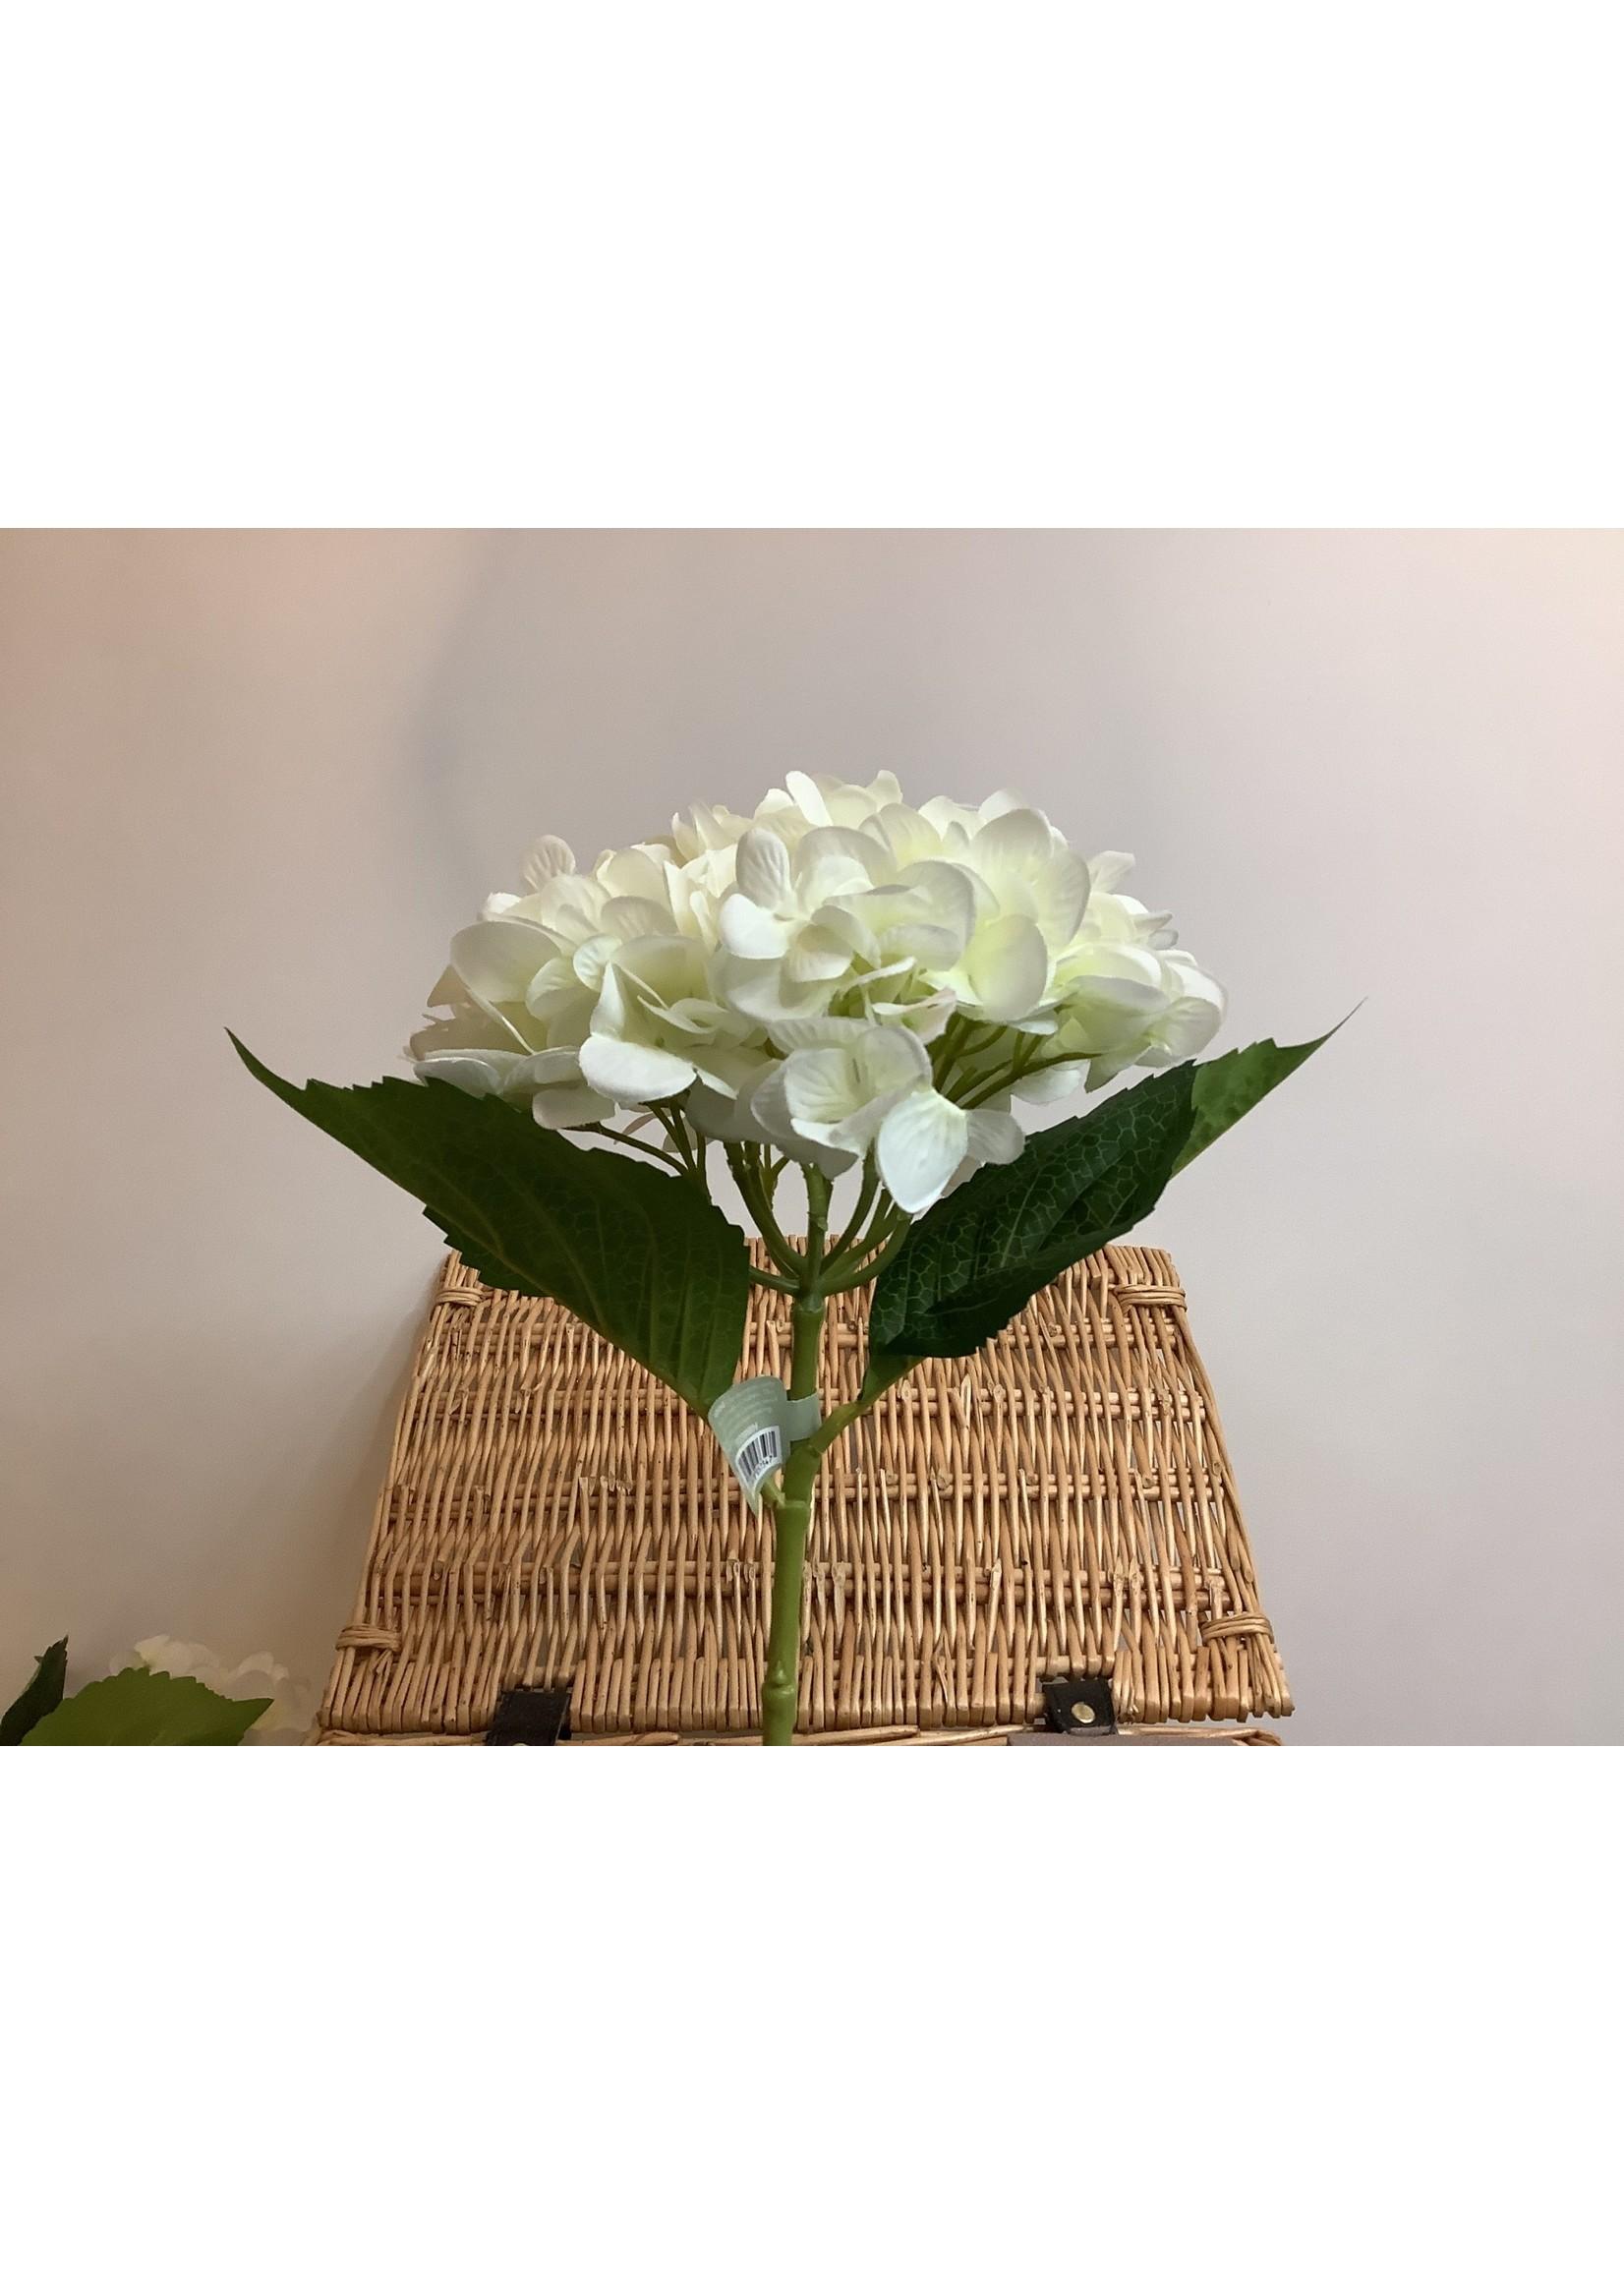 Hydrangea white short stem